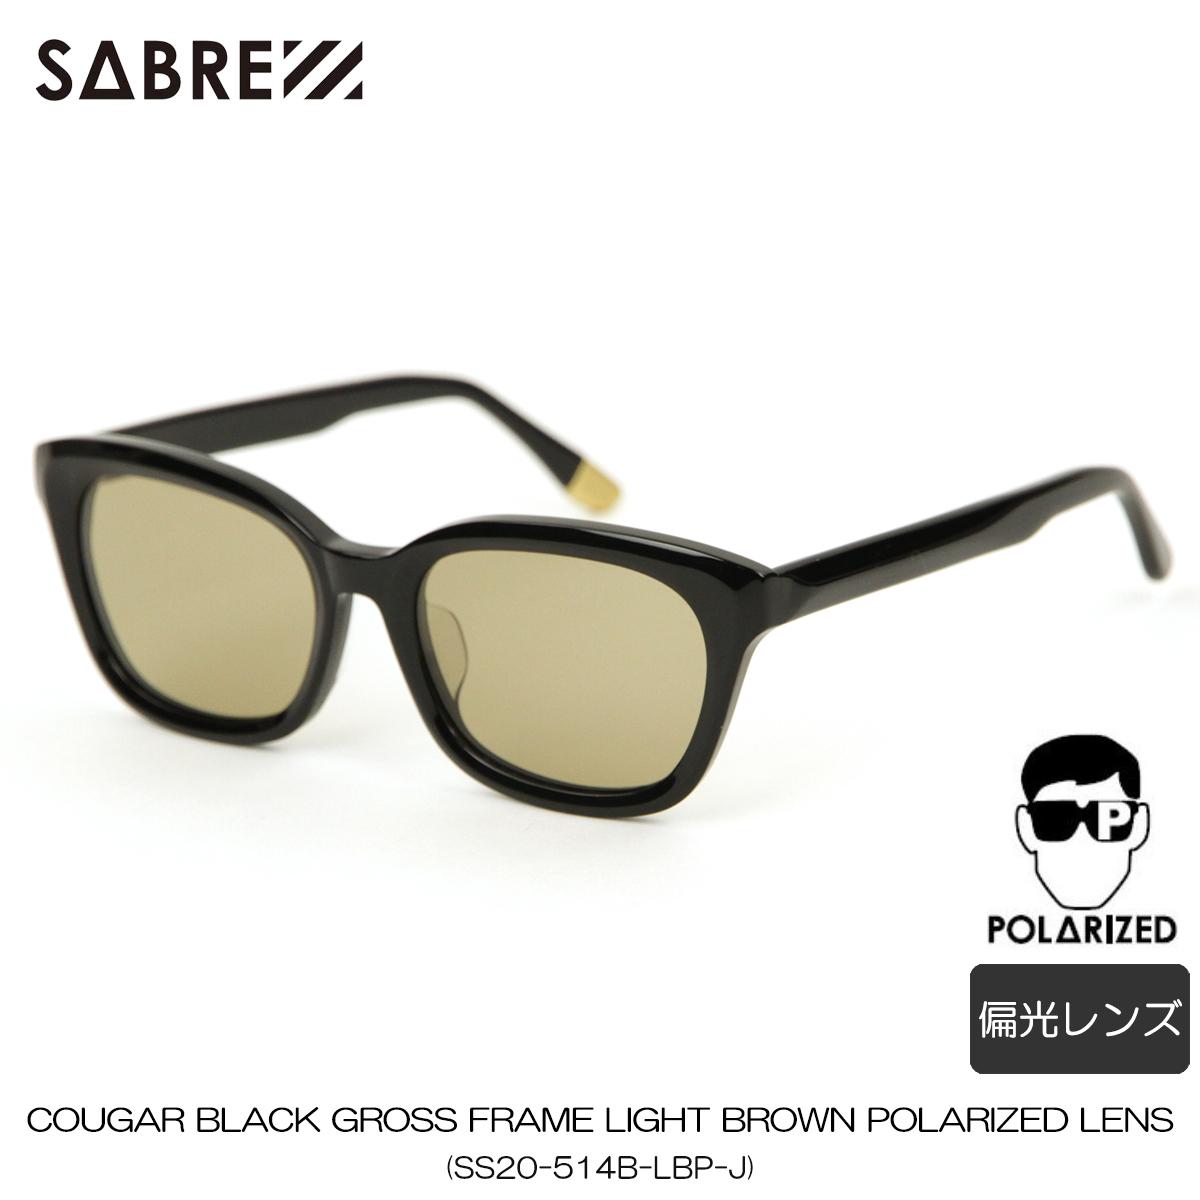 セイバー サングラス 正規販売店 SABRE サングラス COUGAR BLACK GROSS FRAME SUNGLASS LIGHT BROWN POLARIZED LENS SS20-514B-LBP-J 偏光レンズ A55B B3C C3D D1E E13F